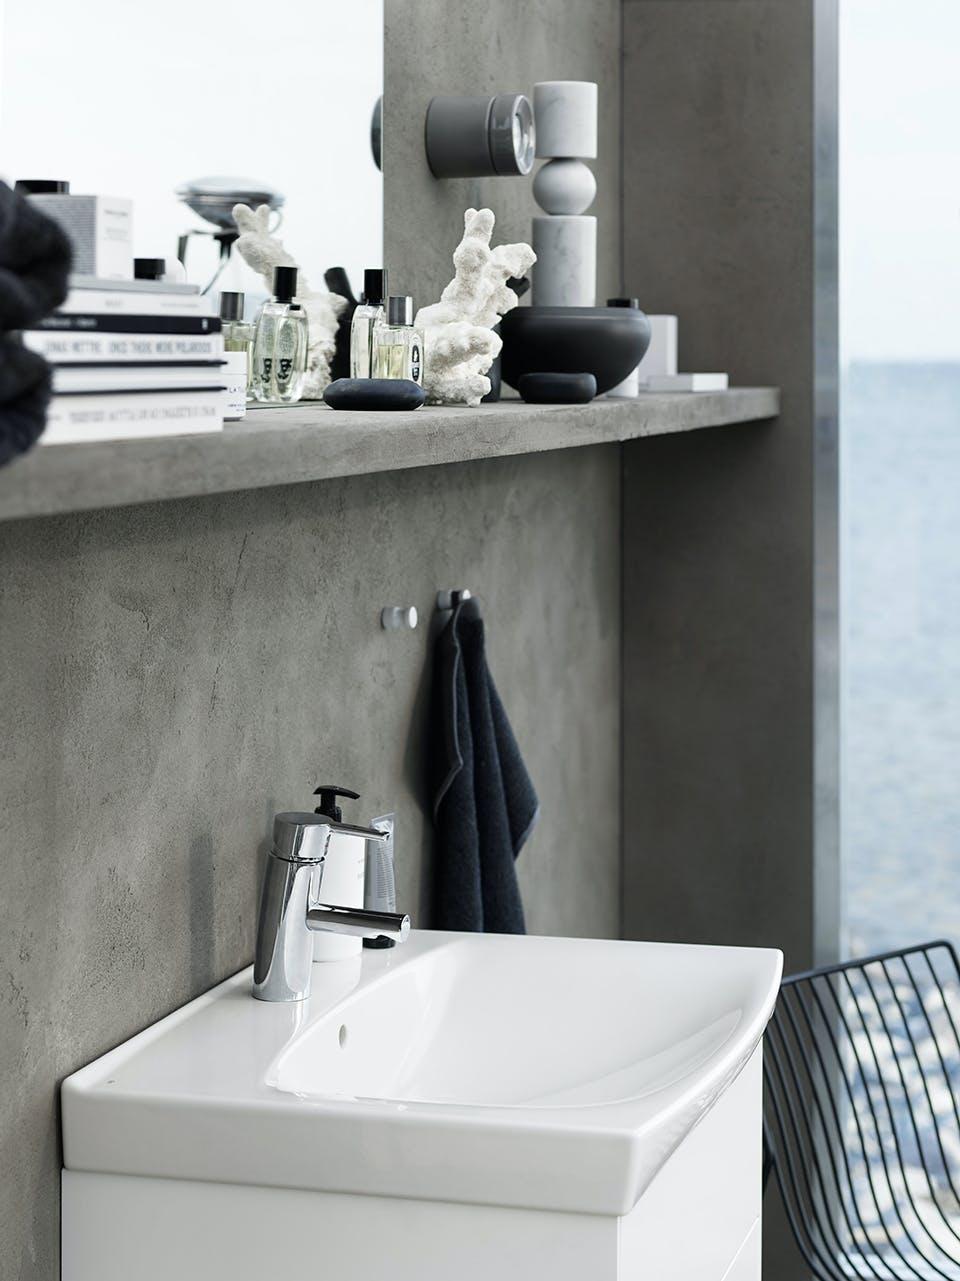 Håndvask til badeværelset i smukt skandinavisk design med bløde klassiske former fra Ifö